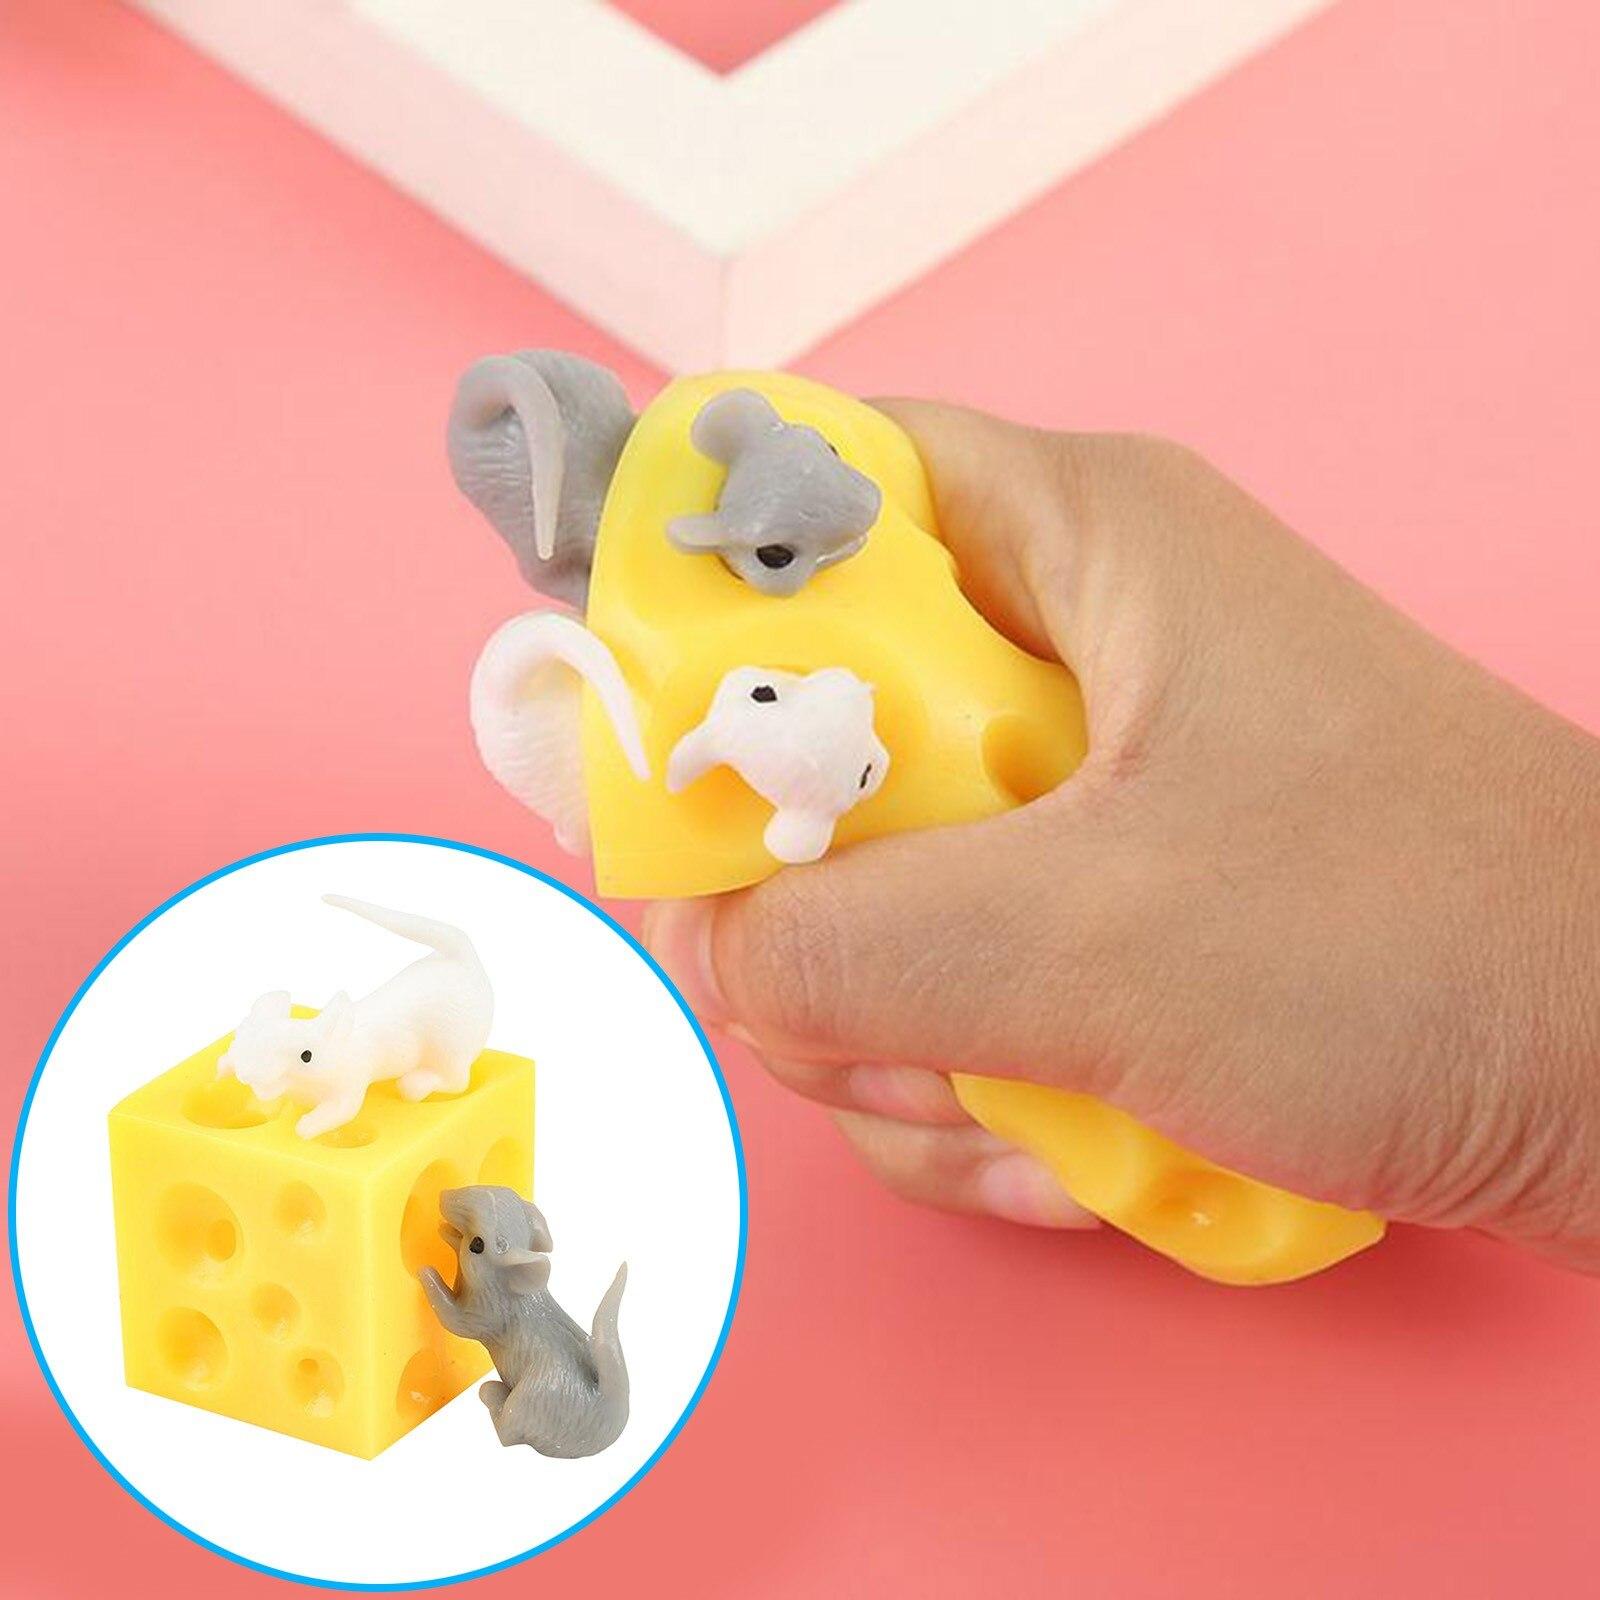 Sevimli peynir fare yaratıcı zor korkunç tutam müzik dekompresyon oyuncak çocuk oyuncak bebekler çocuklar için kız erkek noel hediyesi